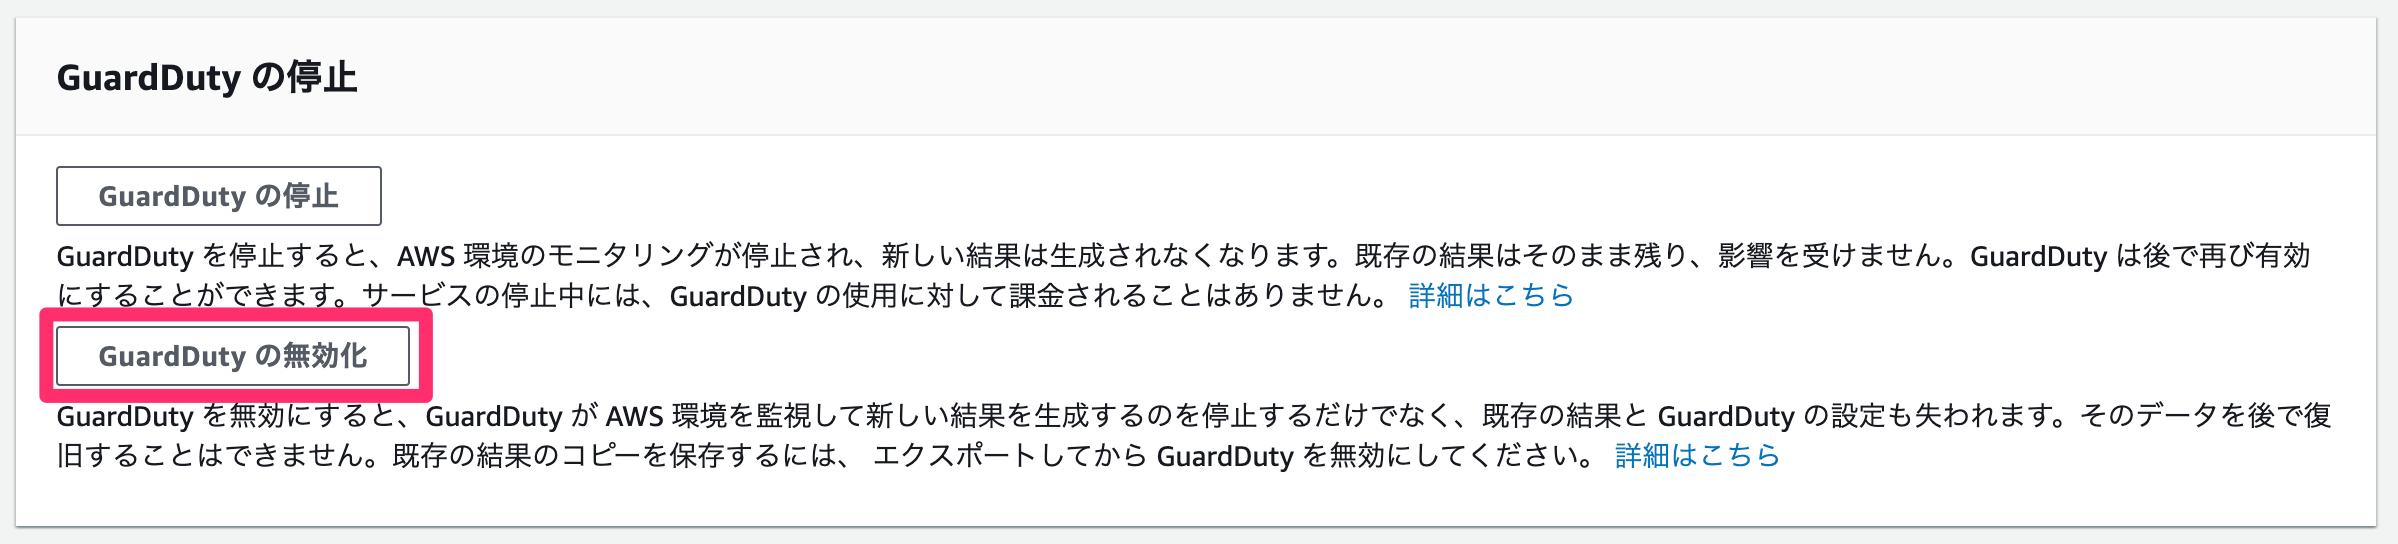 スクリーンショット_2020-01-28_17_25_37.png